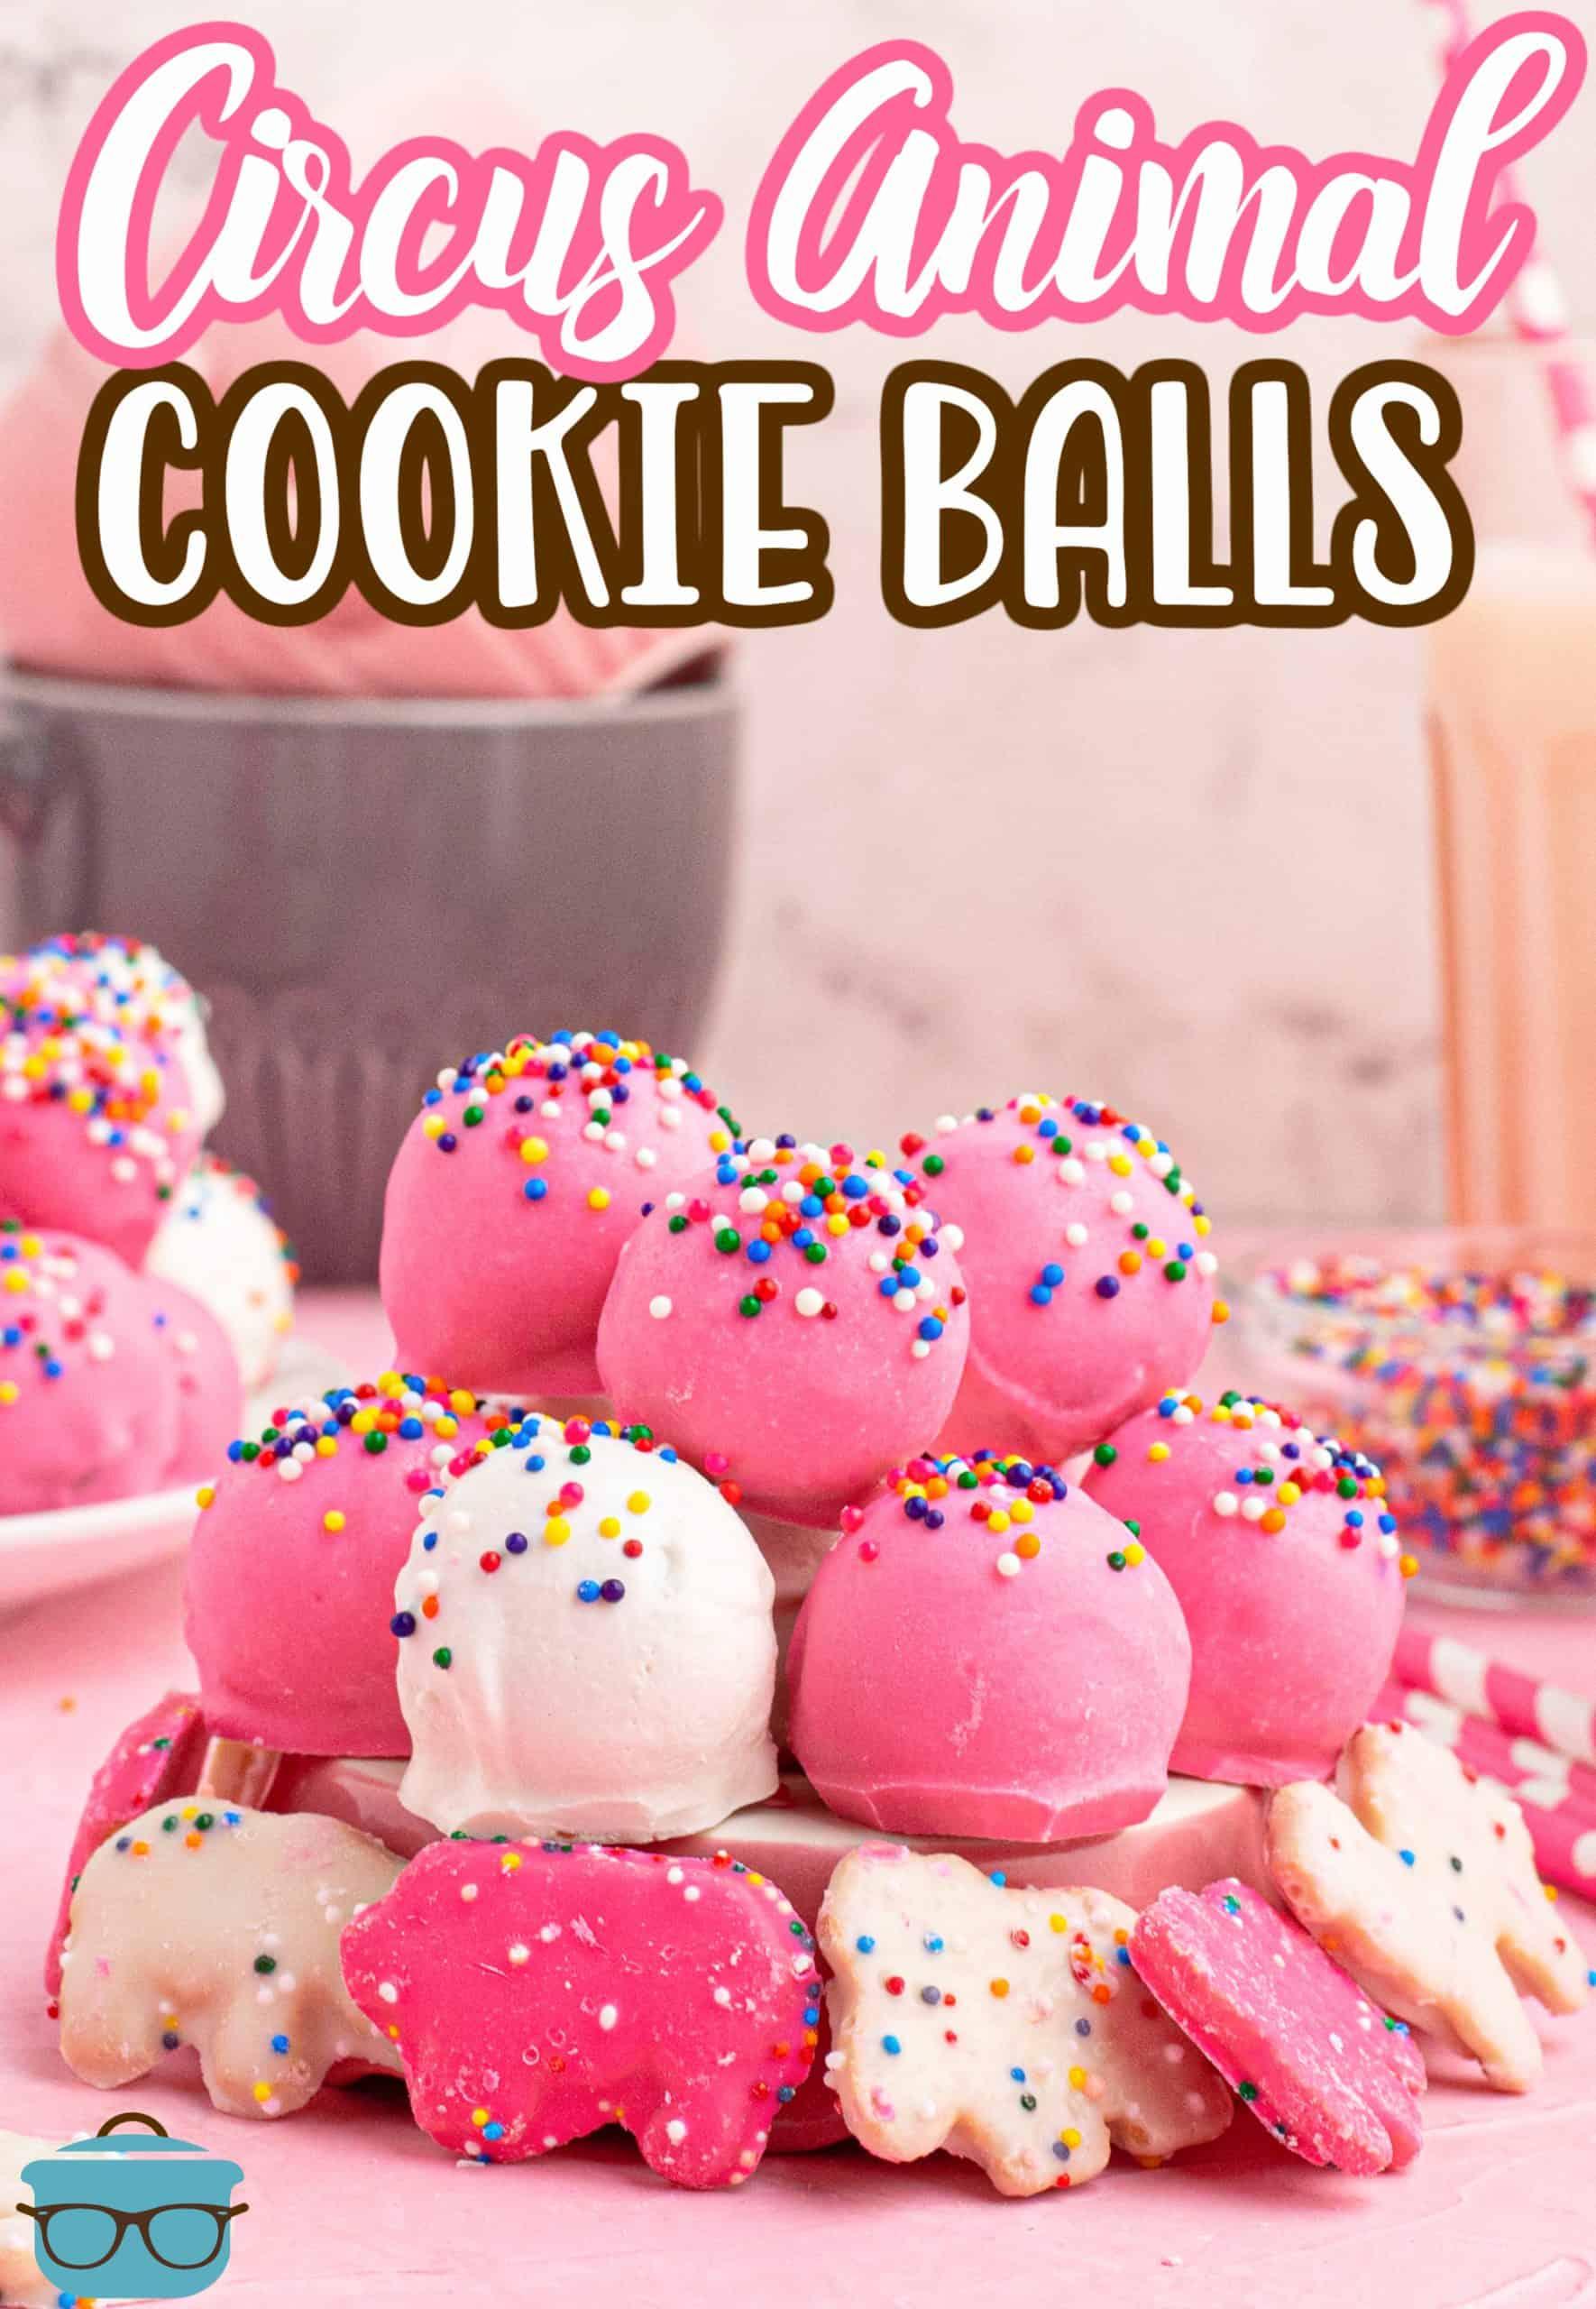 Quer se sentir um pouco nostálgico com um toque diferente?  Então você precisa fazer essas bolas coloridas de quatro ingredientes de Circus Animal!  Fácil, gostoso e super divertido!